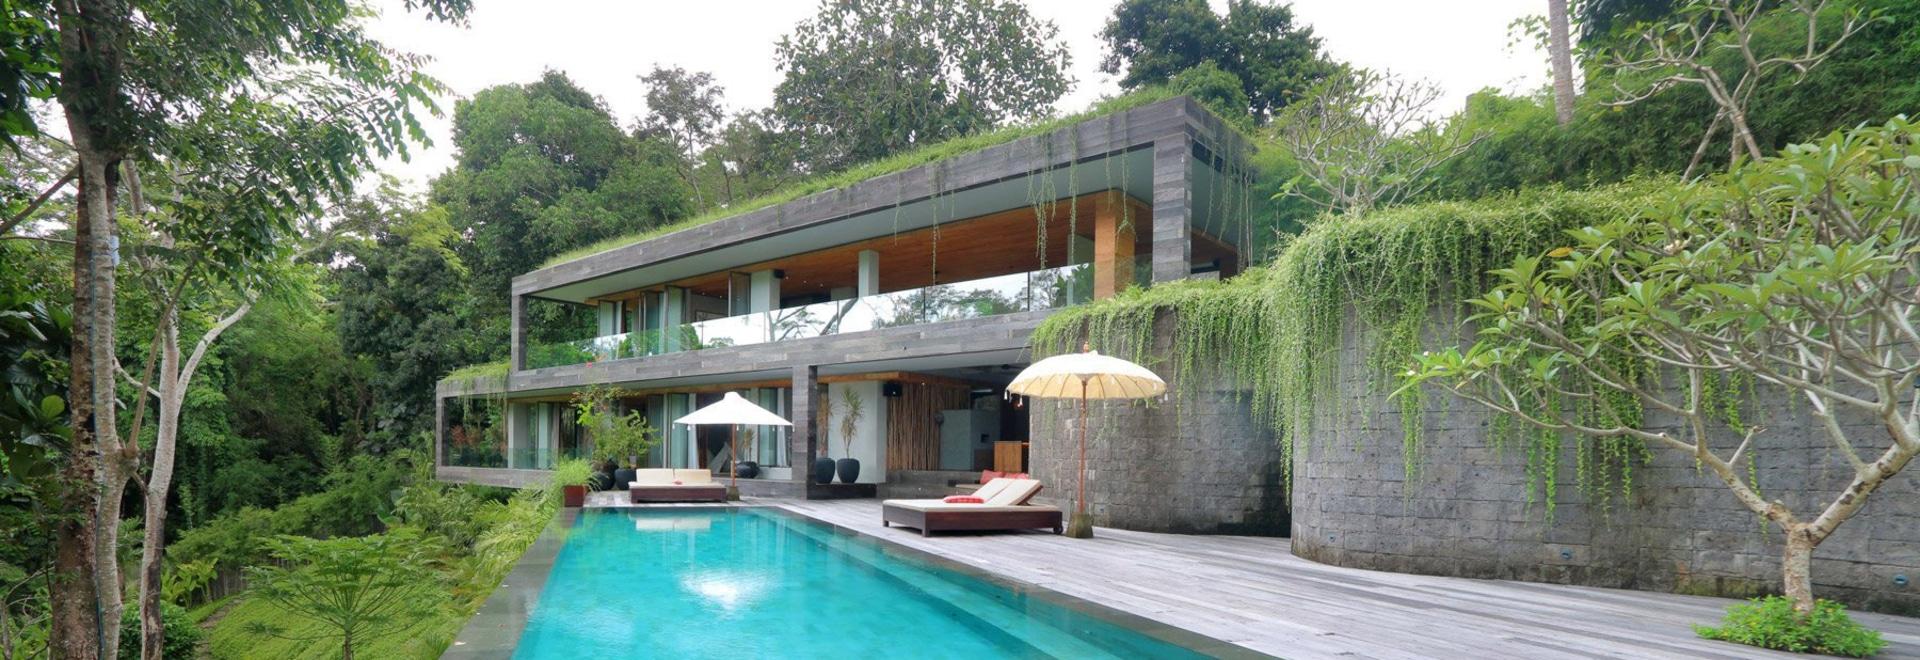 """La villa du caméléon de WOMhouse """"disparaît"""" dans ses environs de balinese"""